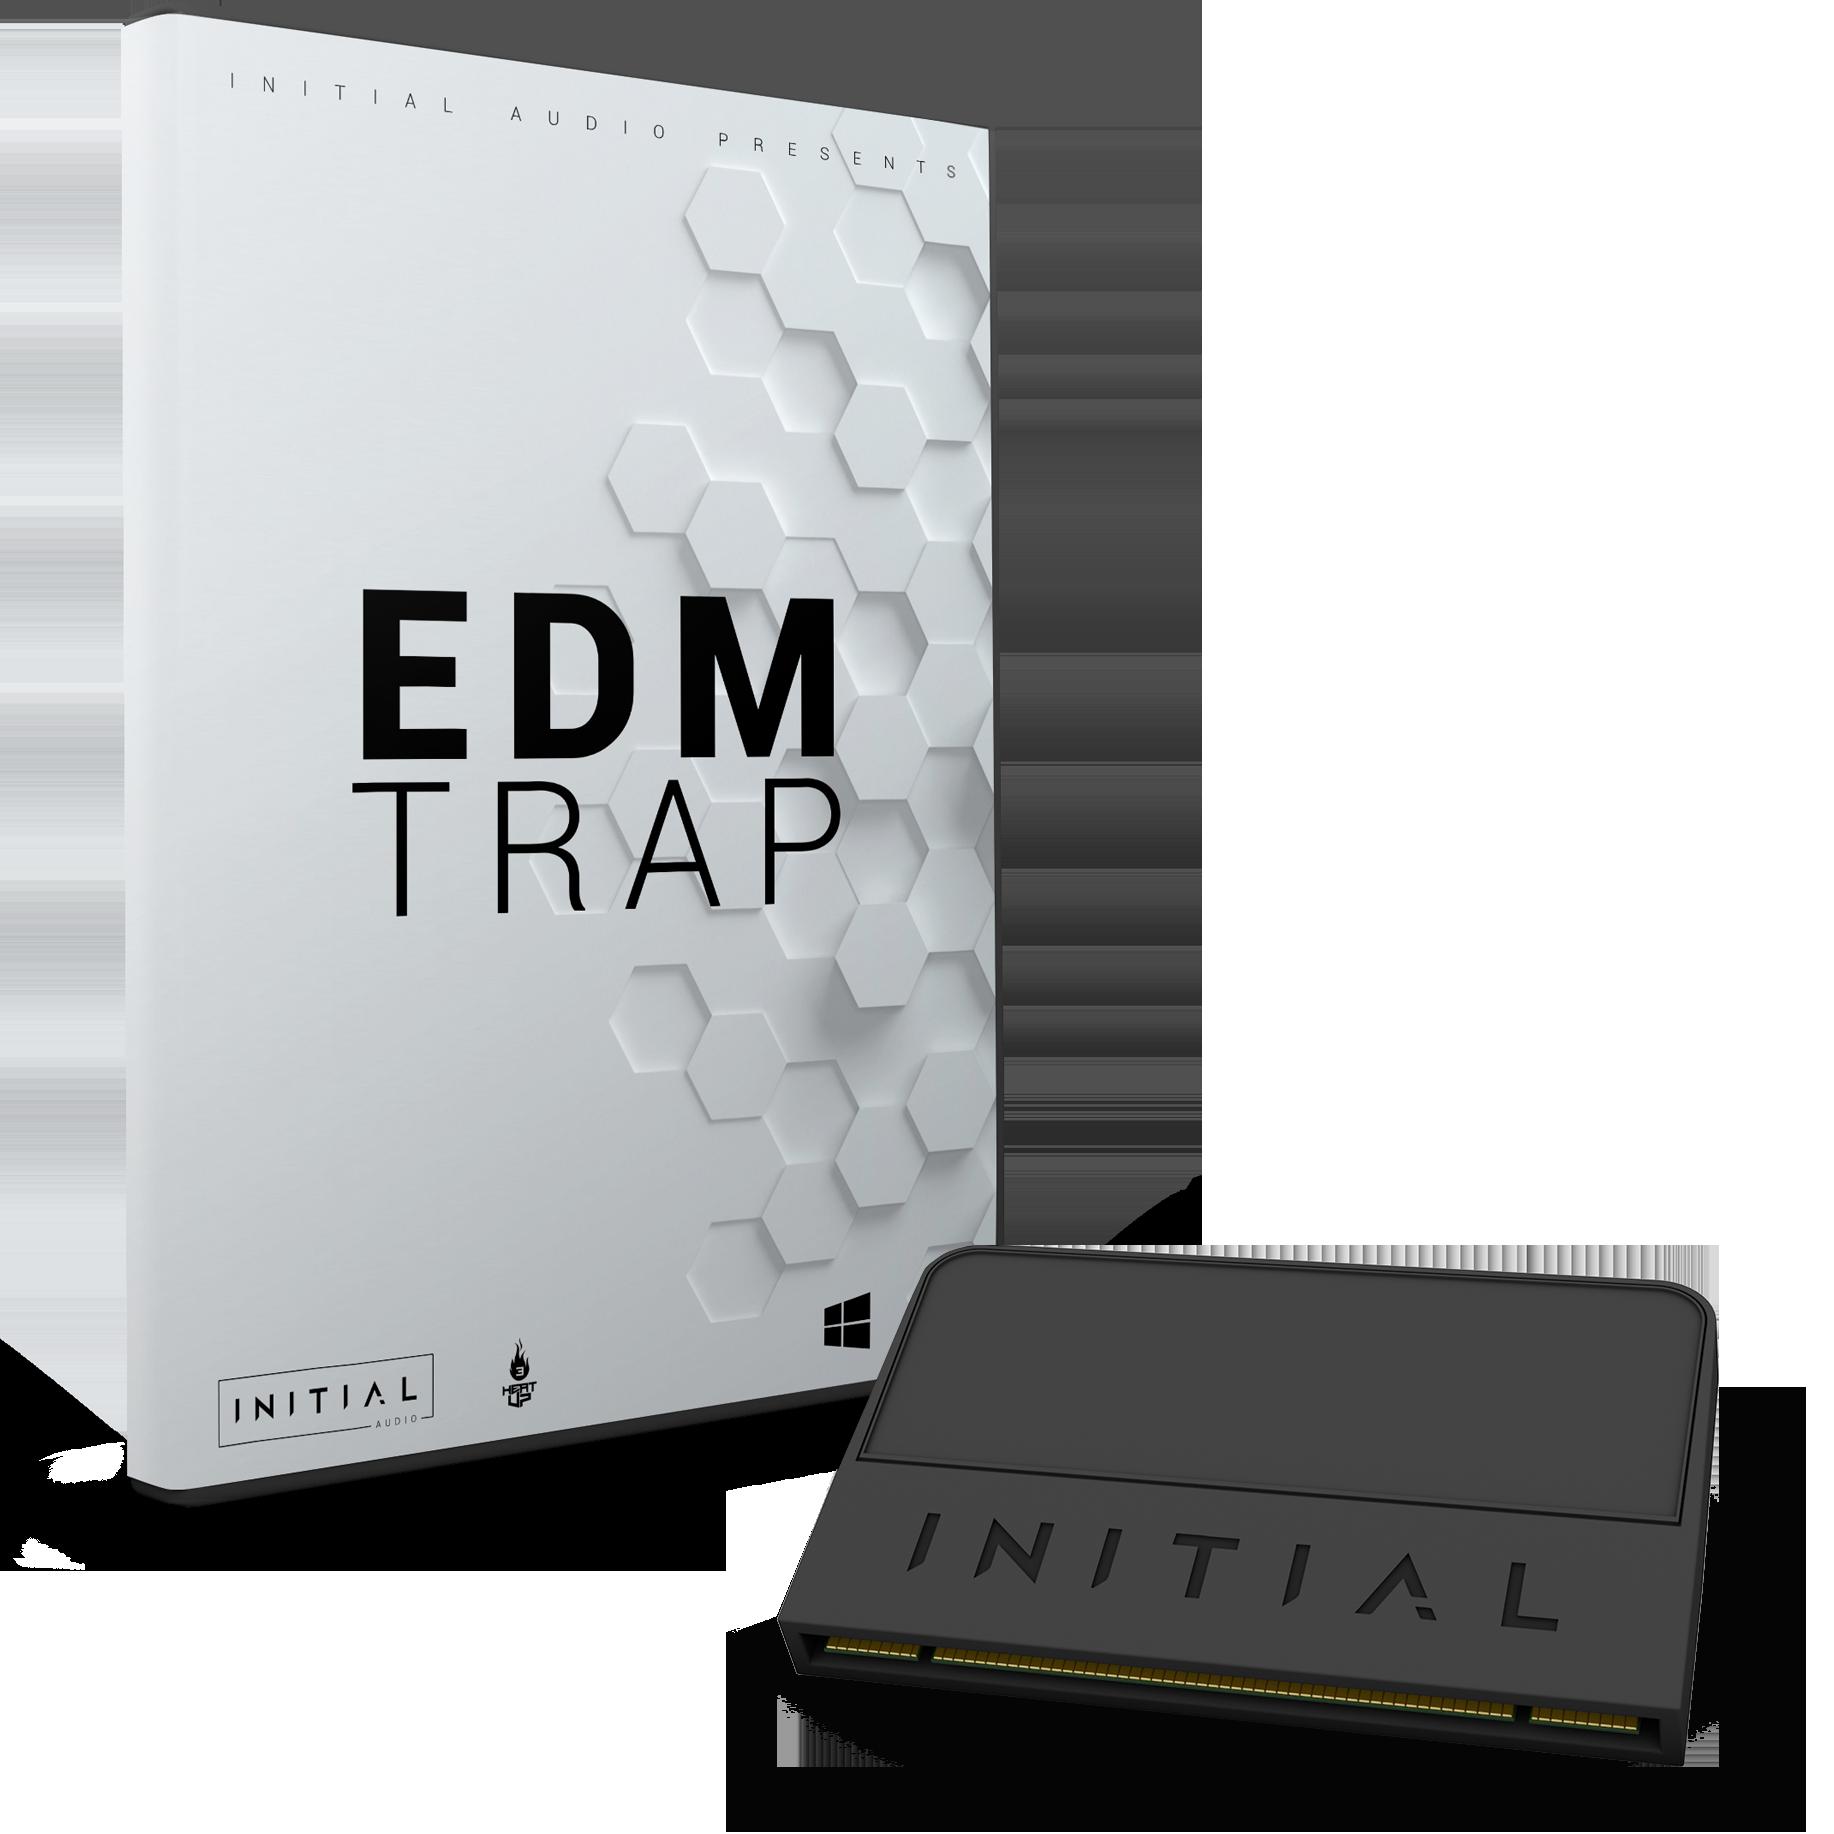 EDM TRAP - HEATUP3 EXPANSION